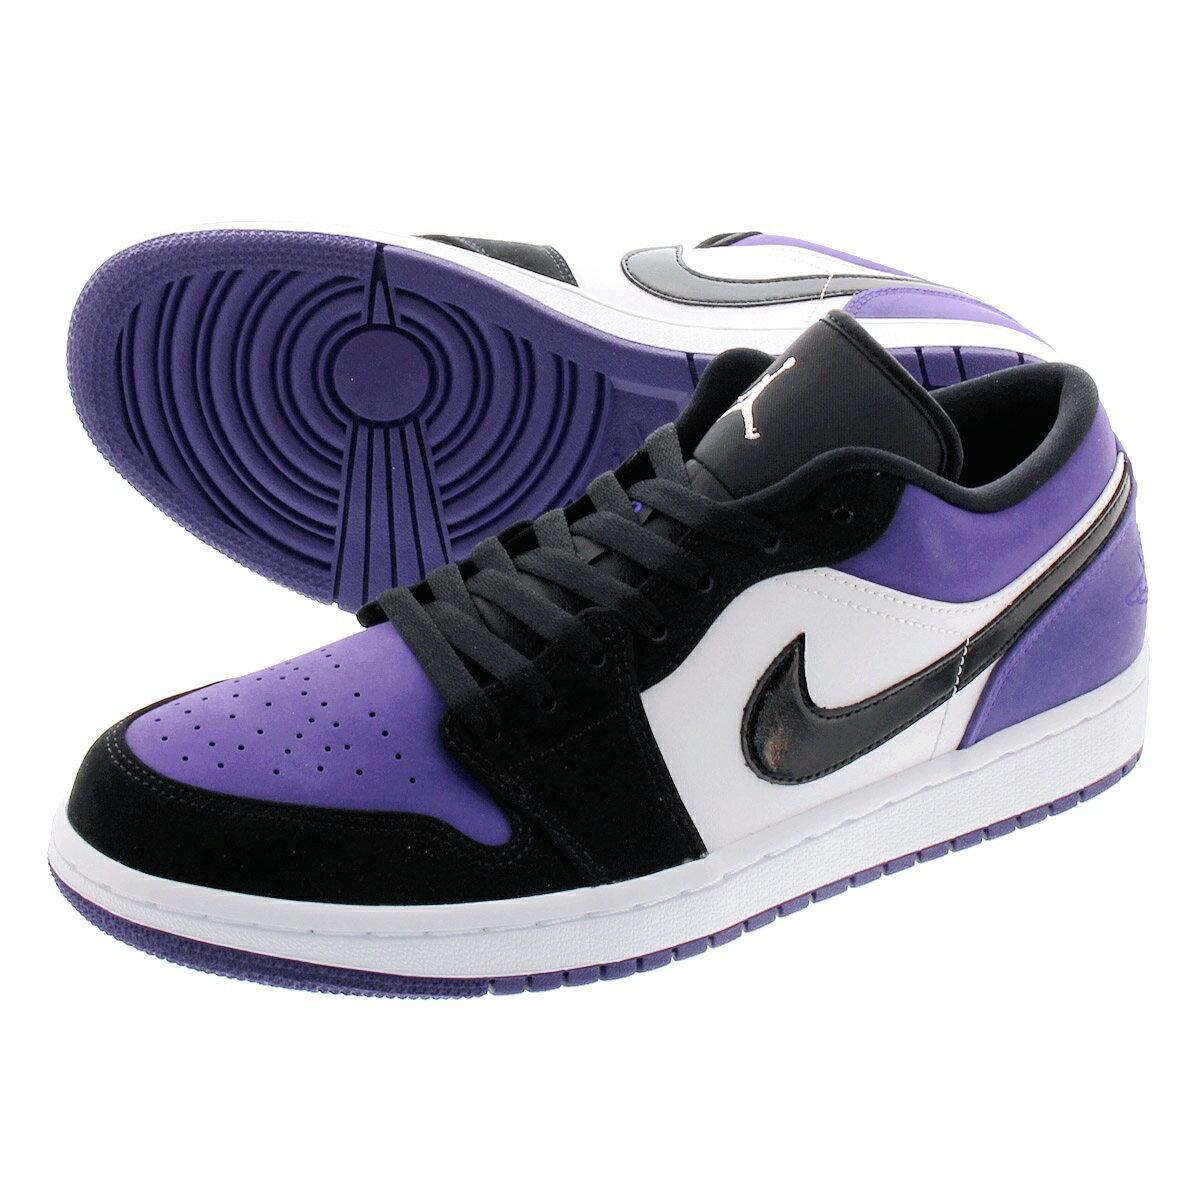 メンズ靴, スニーカー NIKE AIR JORDAN 1 LOW 1 WHITEBLACKCOURT PURPLE 553558-125